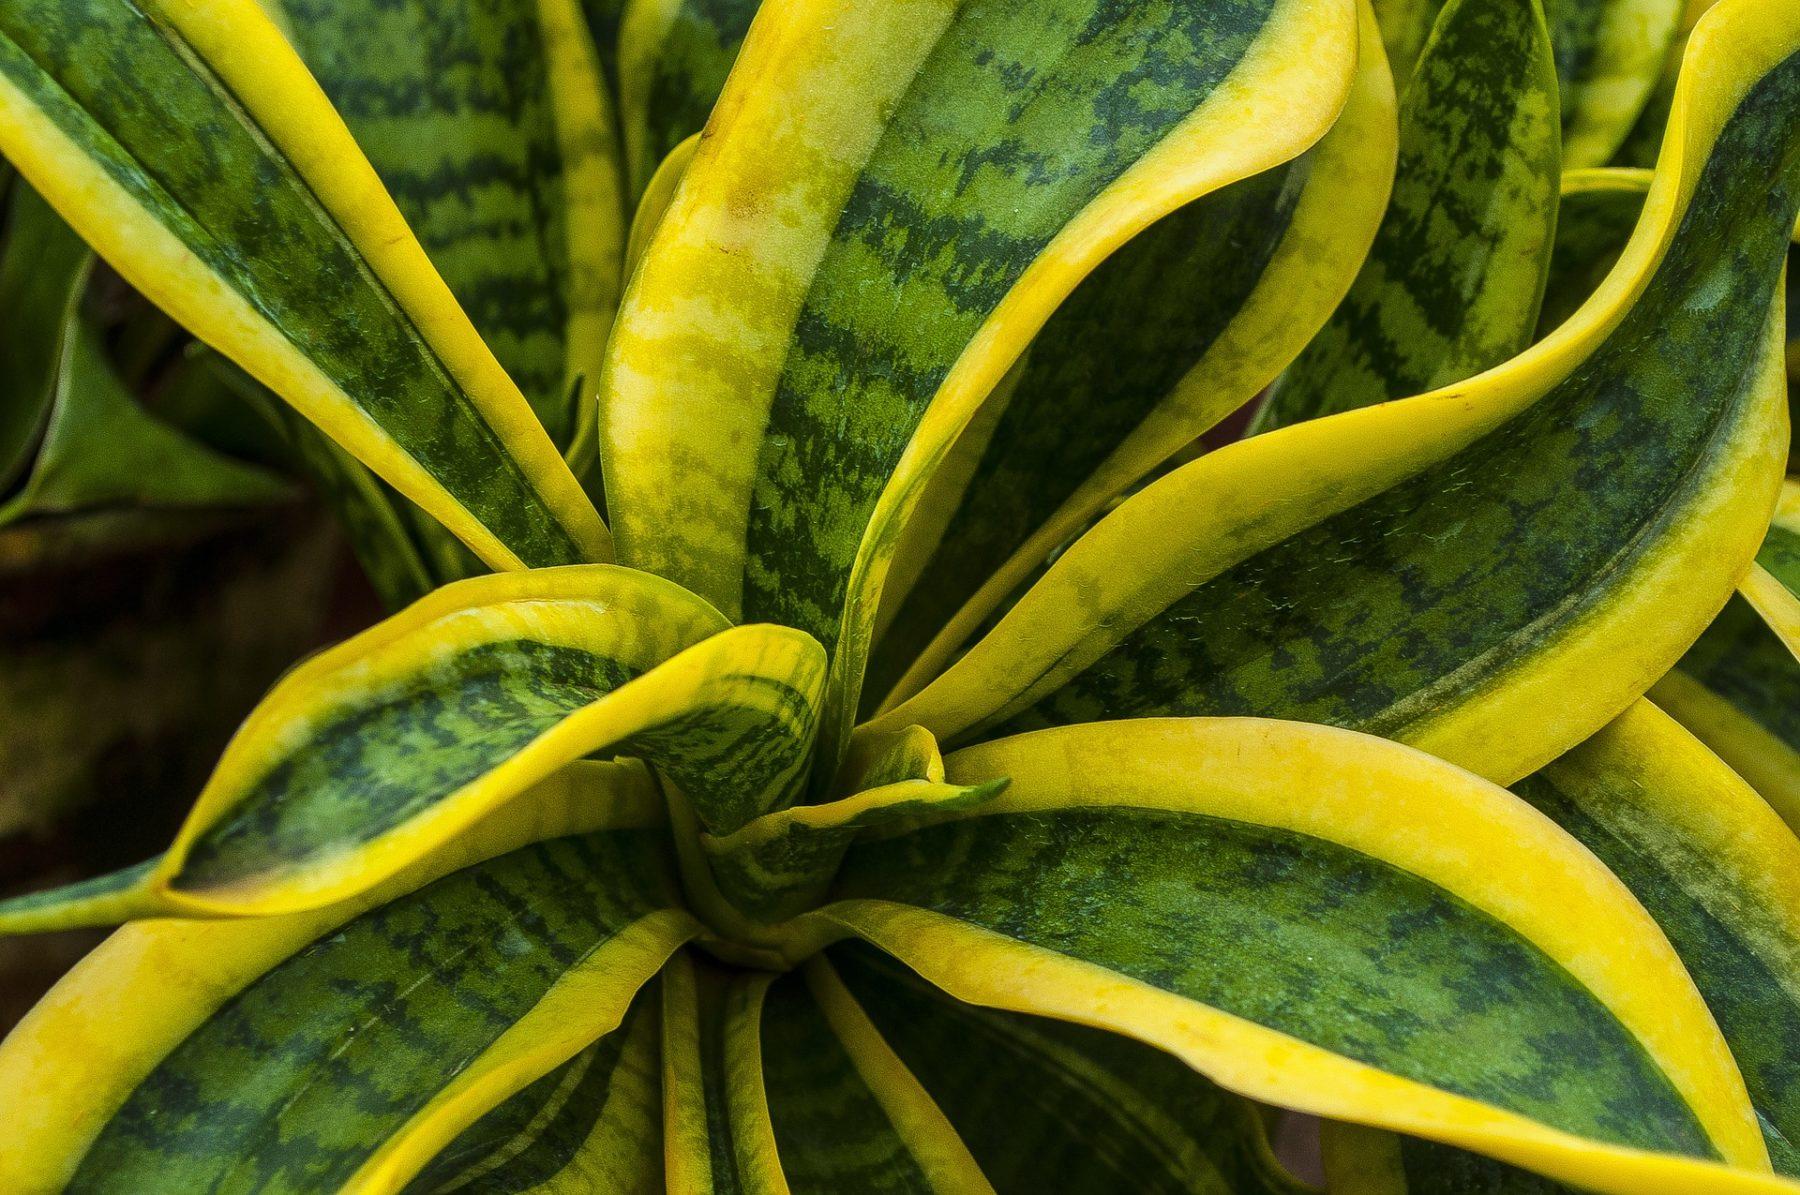 10 robuste zimmerpflanzen die wirklich pflegeleicht sind. Black Bedroom Furniture Sets. Home Design Ideas